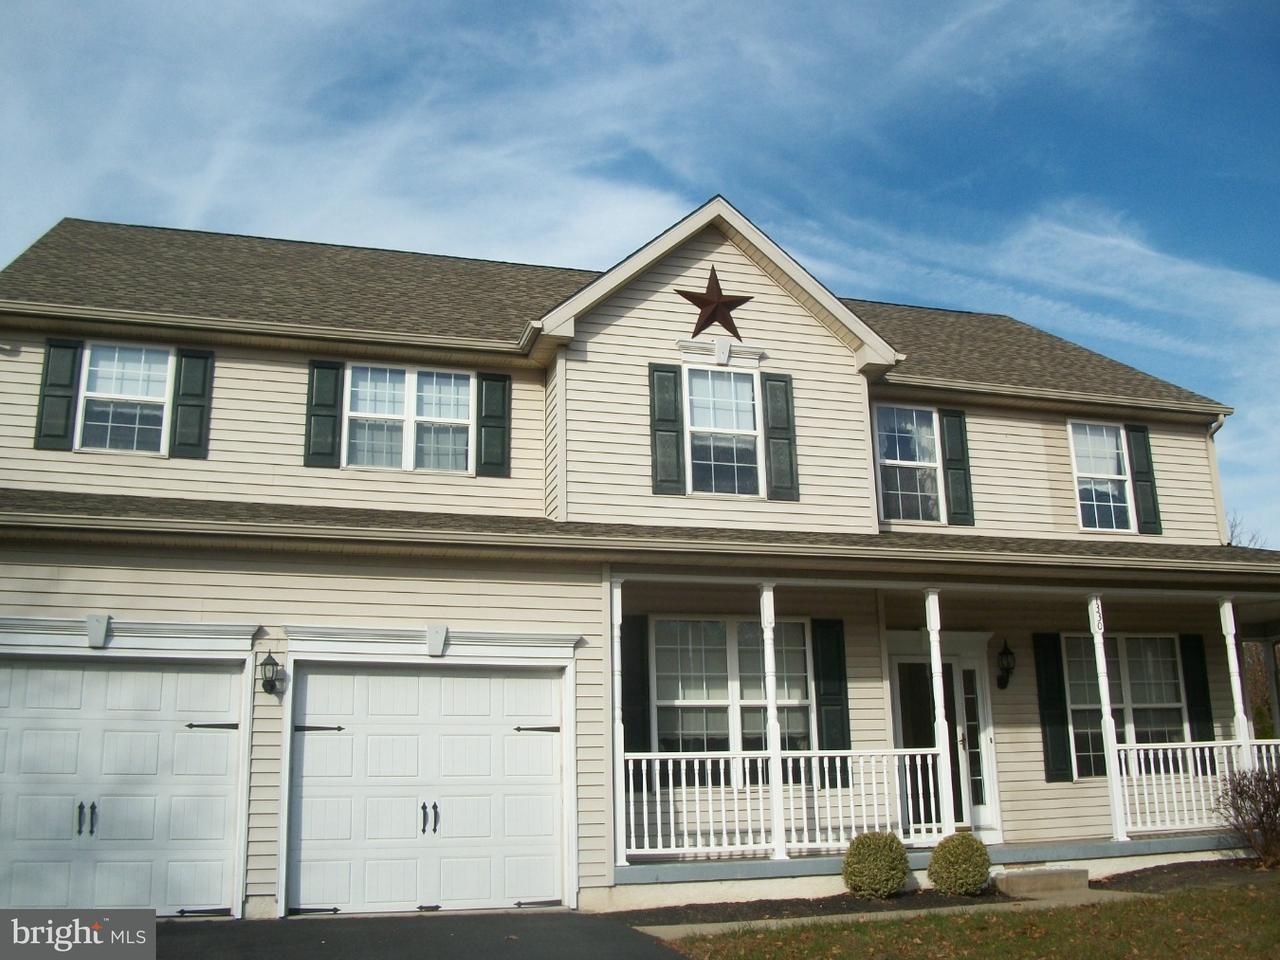 Частный односемейный дом для того Продажа на 1330 MAPLE Avenue Florence, Нью-Джерси 08554 Соединенные Штаты